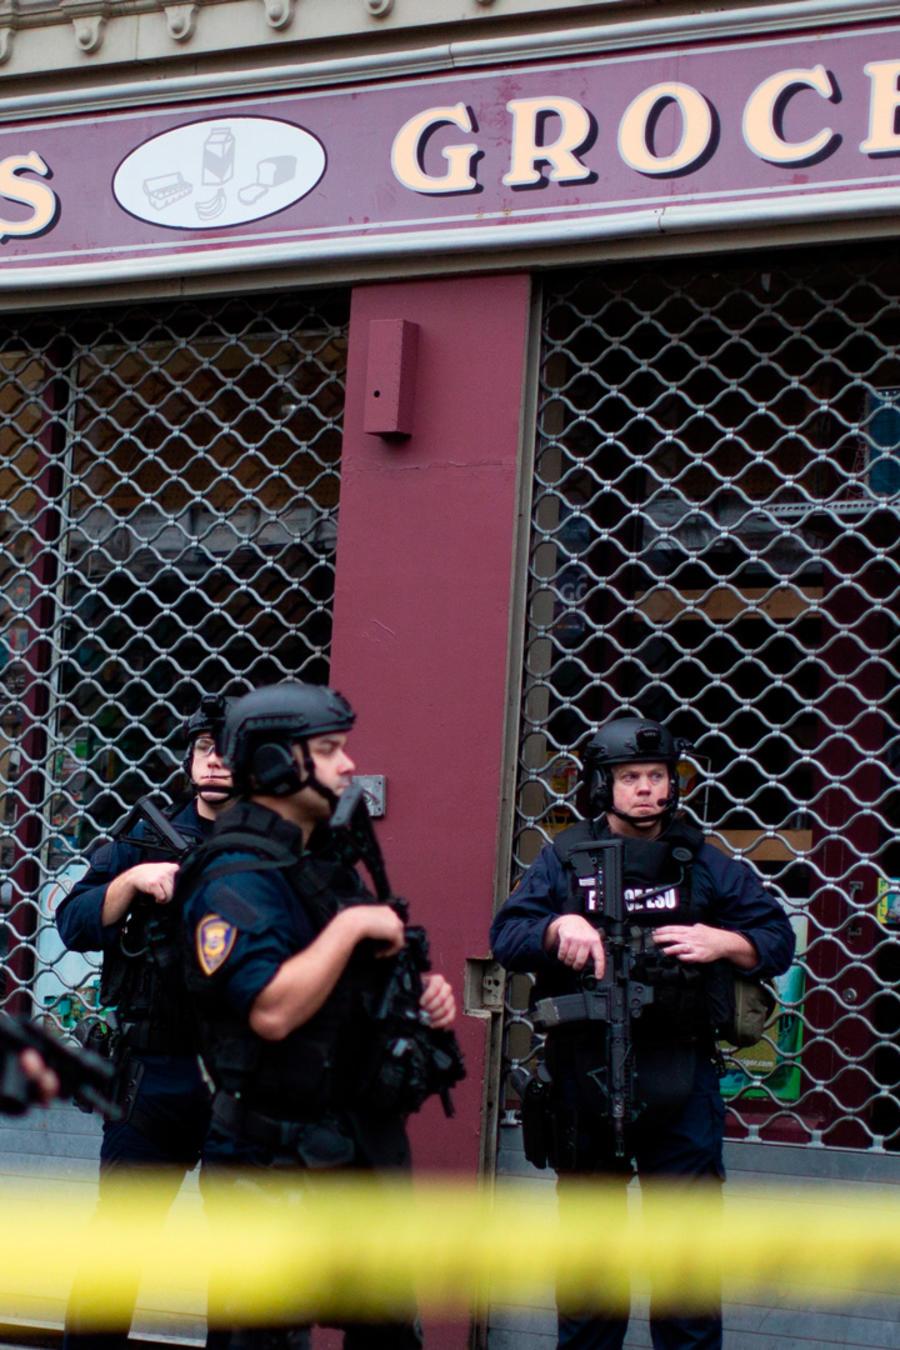 Tienda donde se encontraron varios cuerpos tras brutal tiroteo en Jersey City.